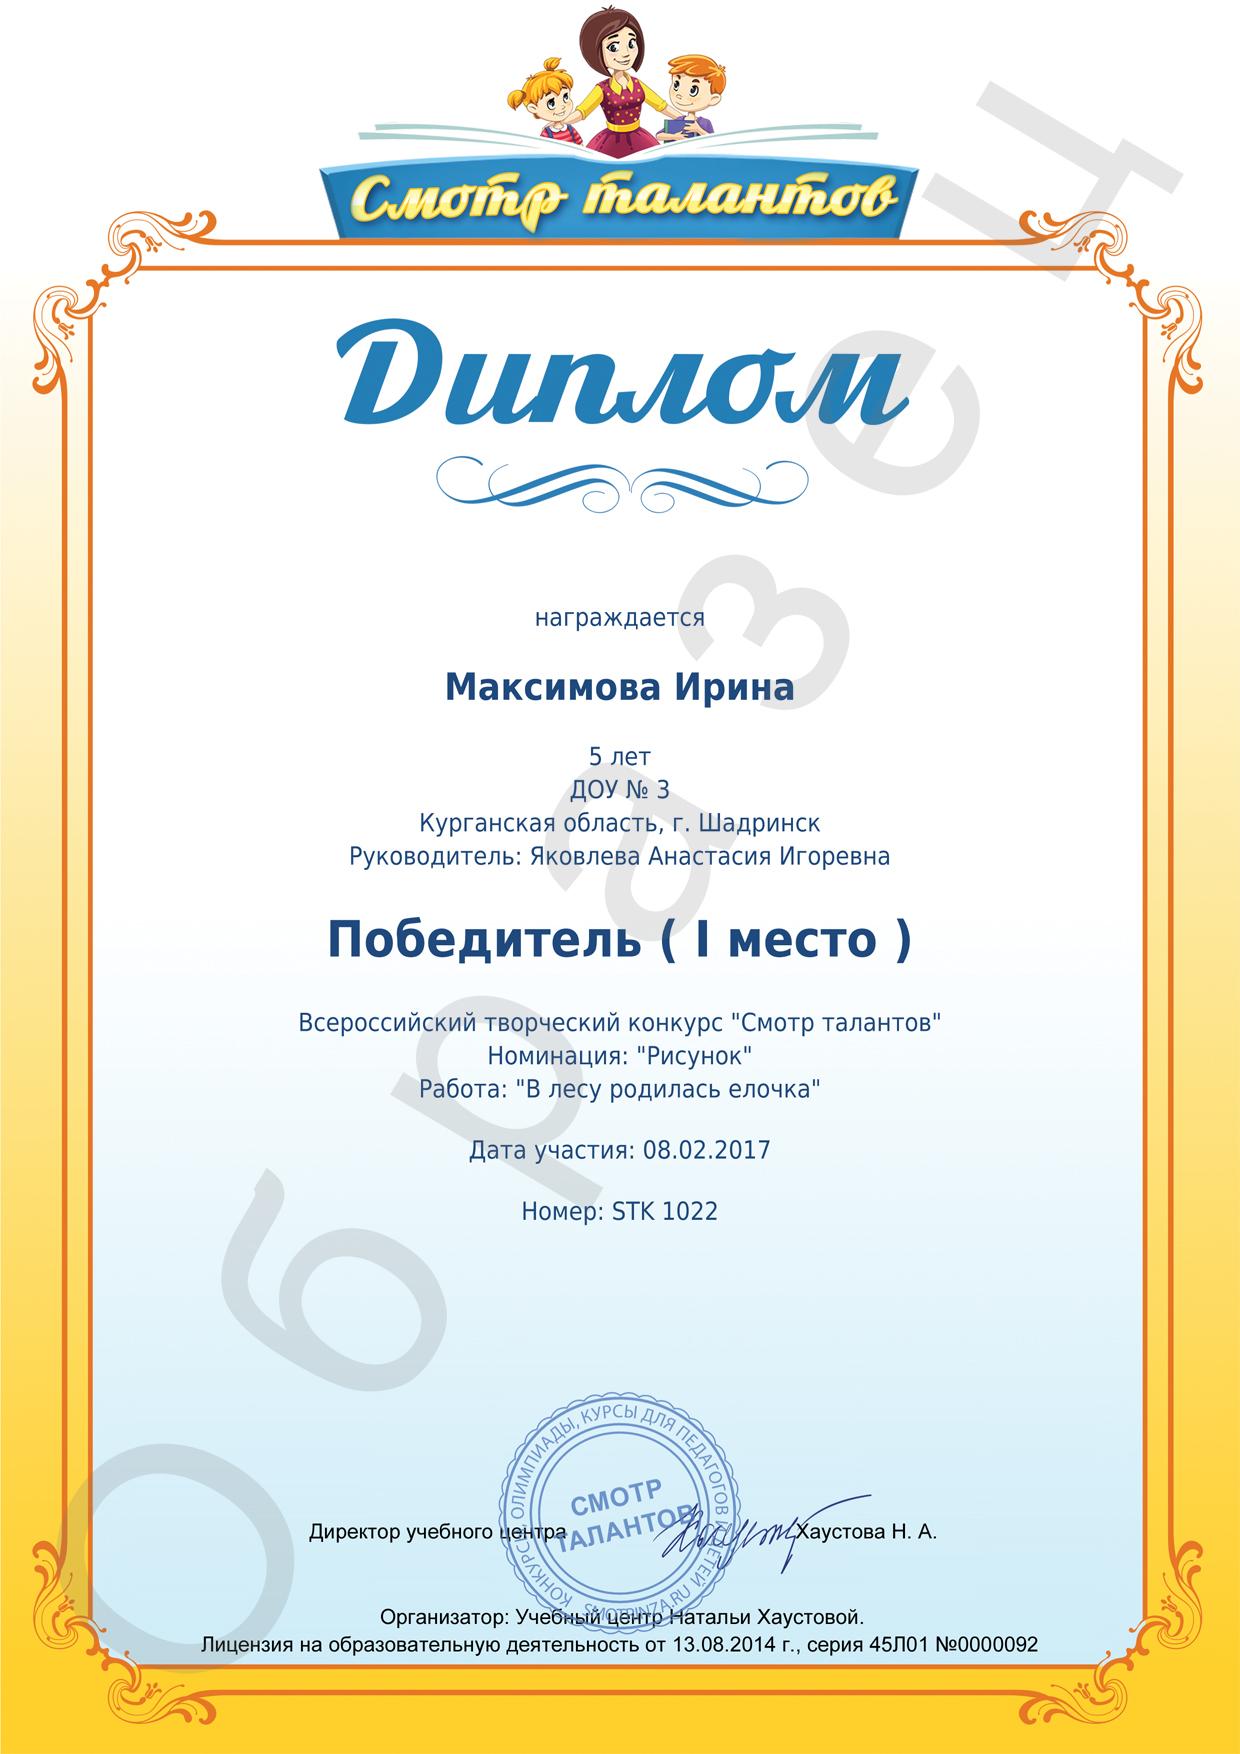 Правила Смотр талантов конкурс для педагогов школьников  Образец диплома участника